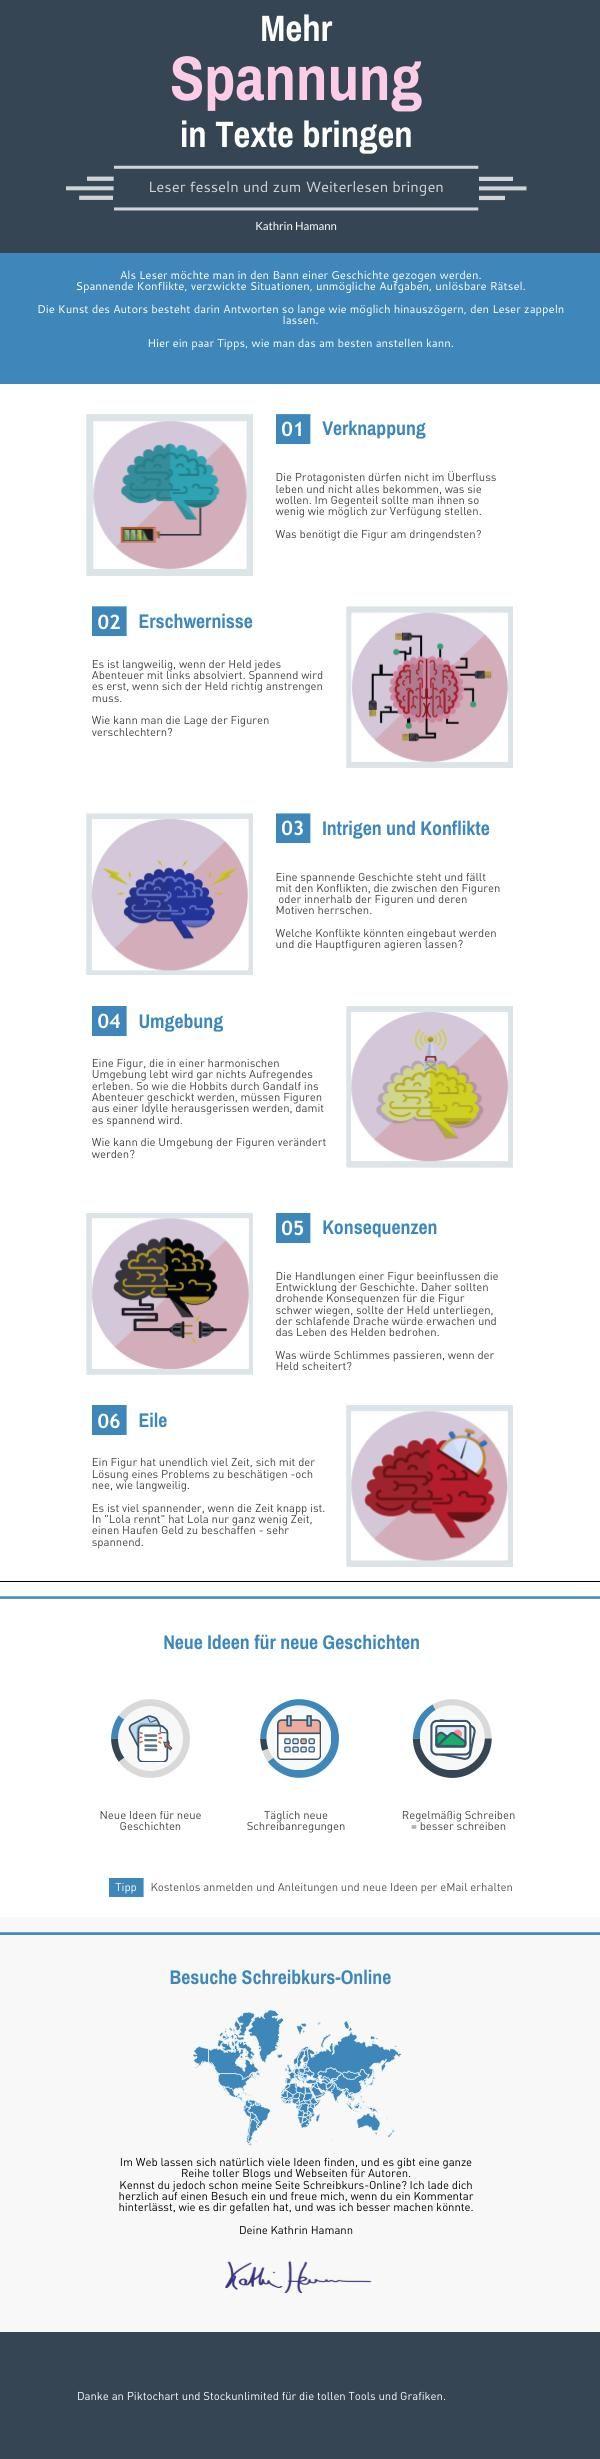 Spannung in Texte bringen | Piktochart Infographic Editor